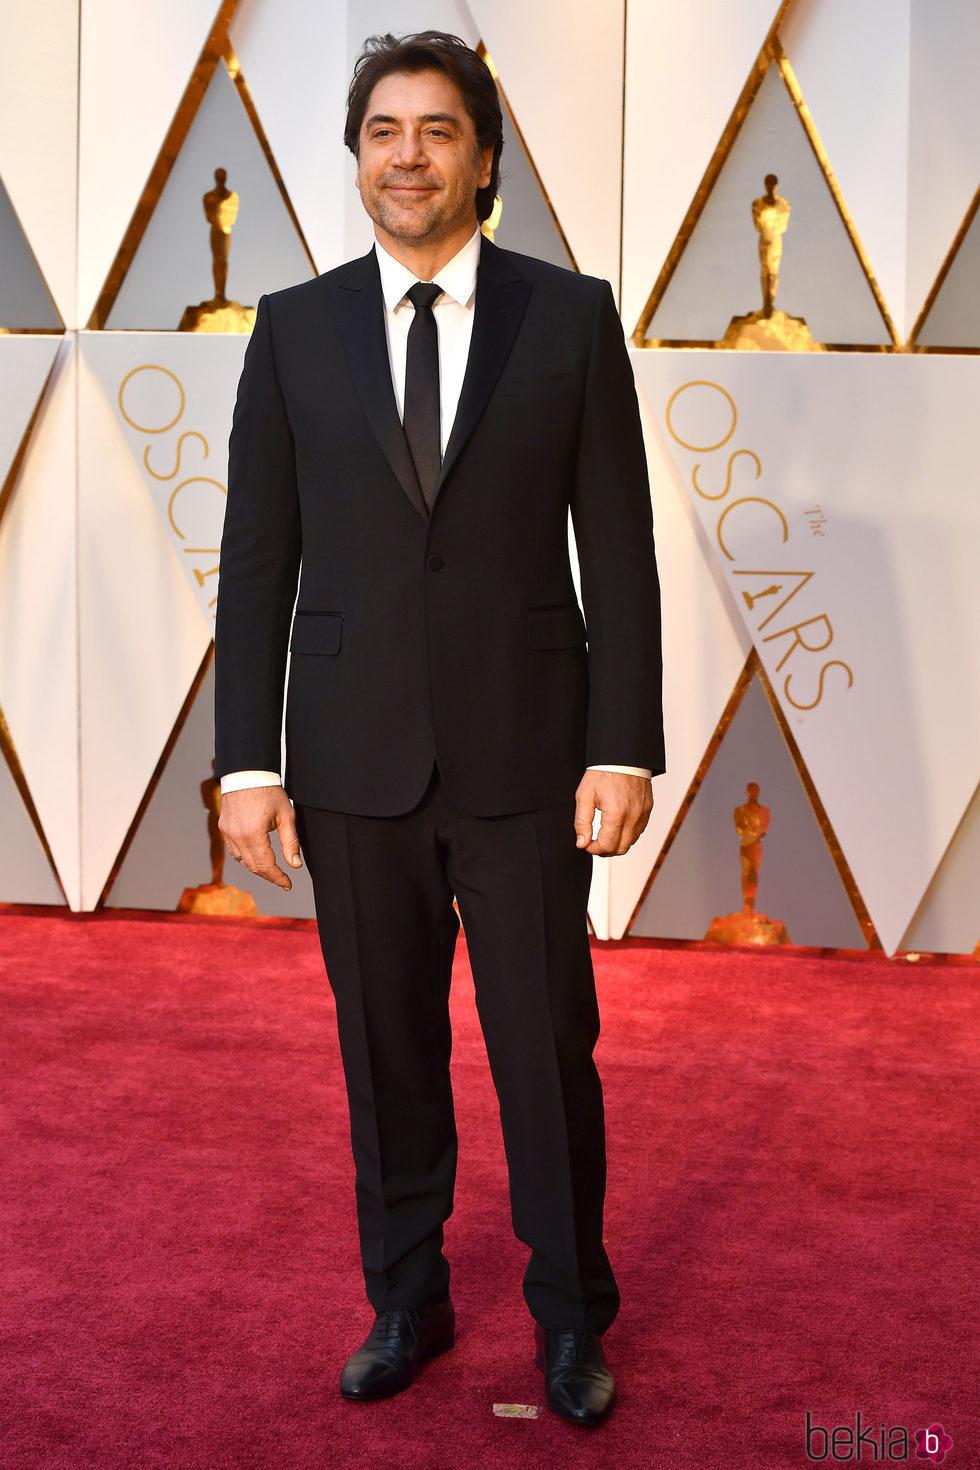 Javier Bardem en la alfombra roja de los Premios Oscar ... Javier Bardem 2017